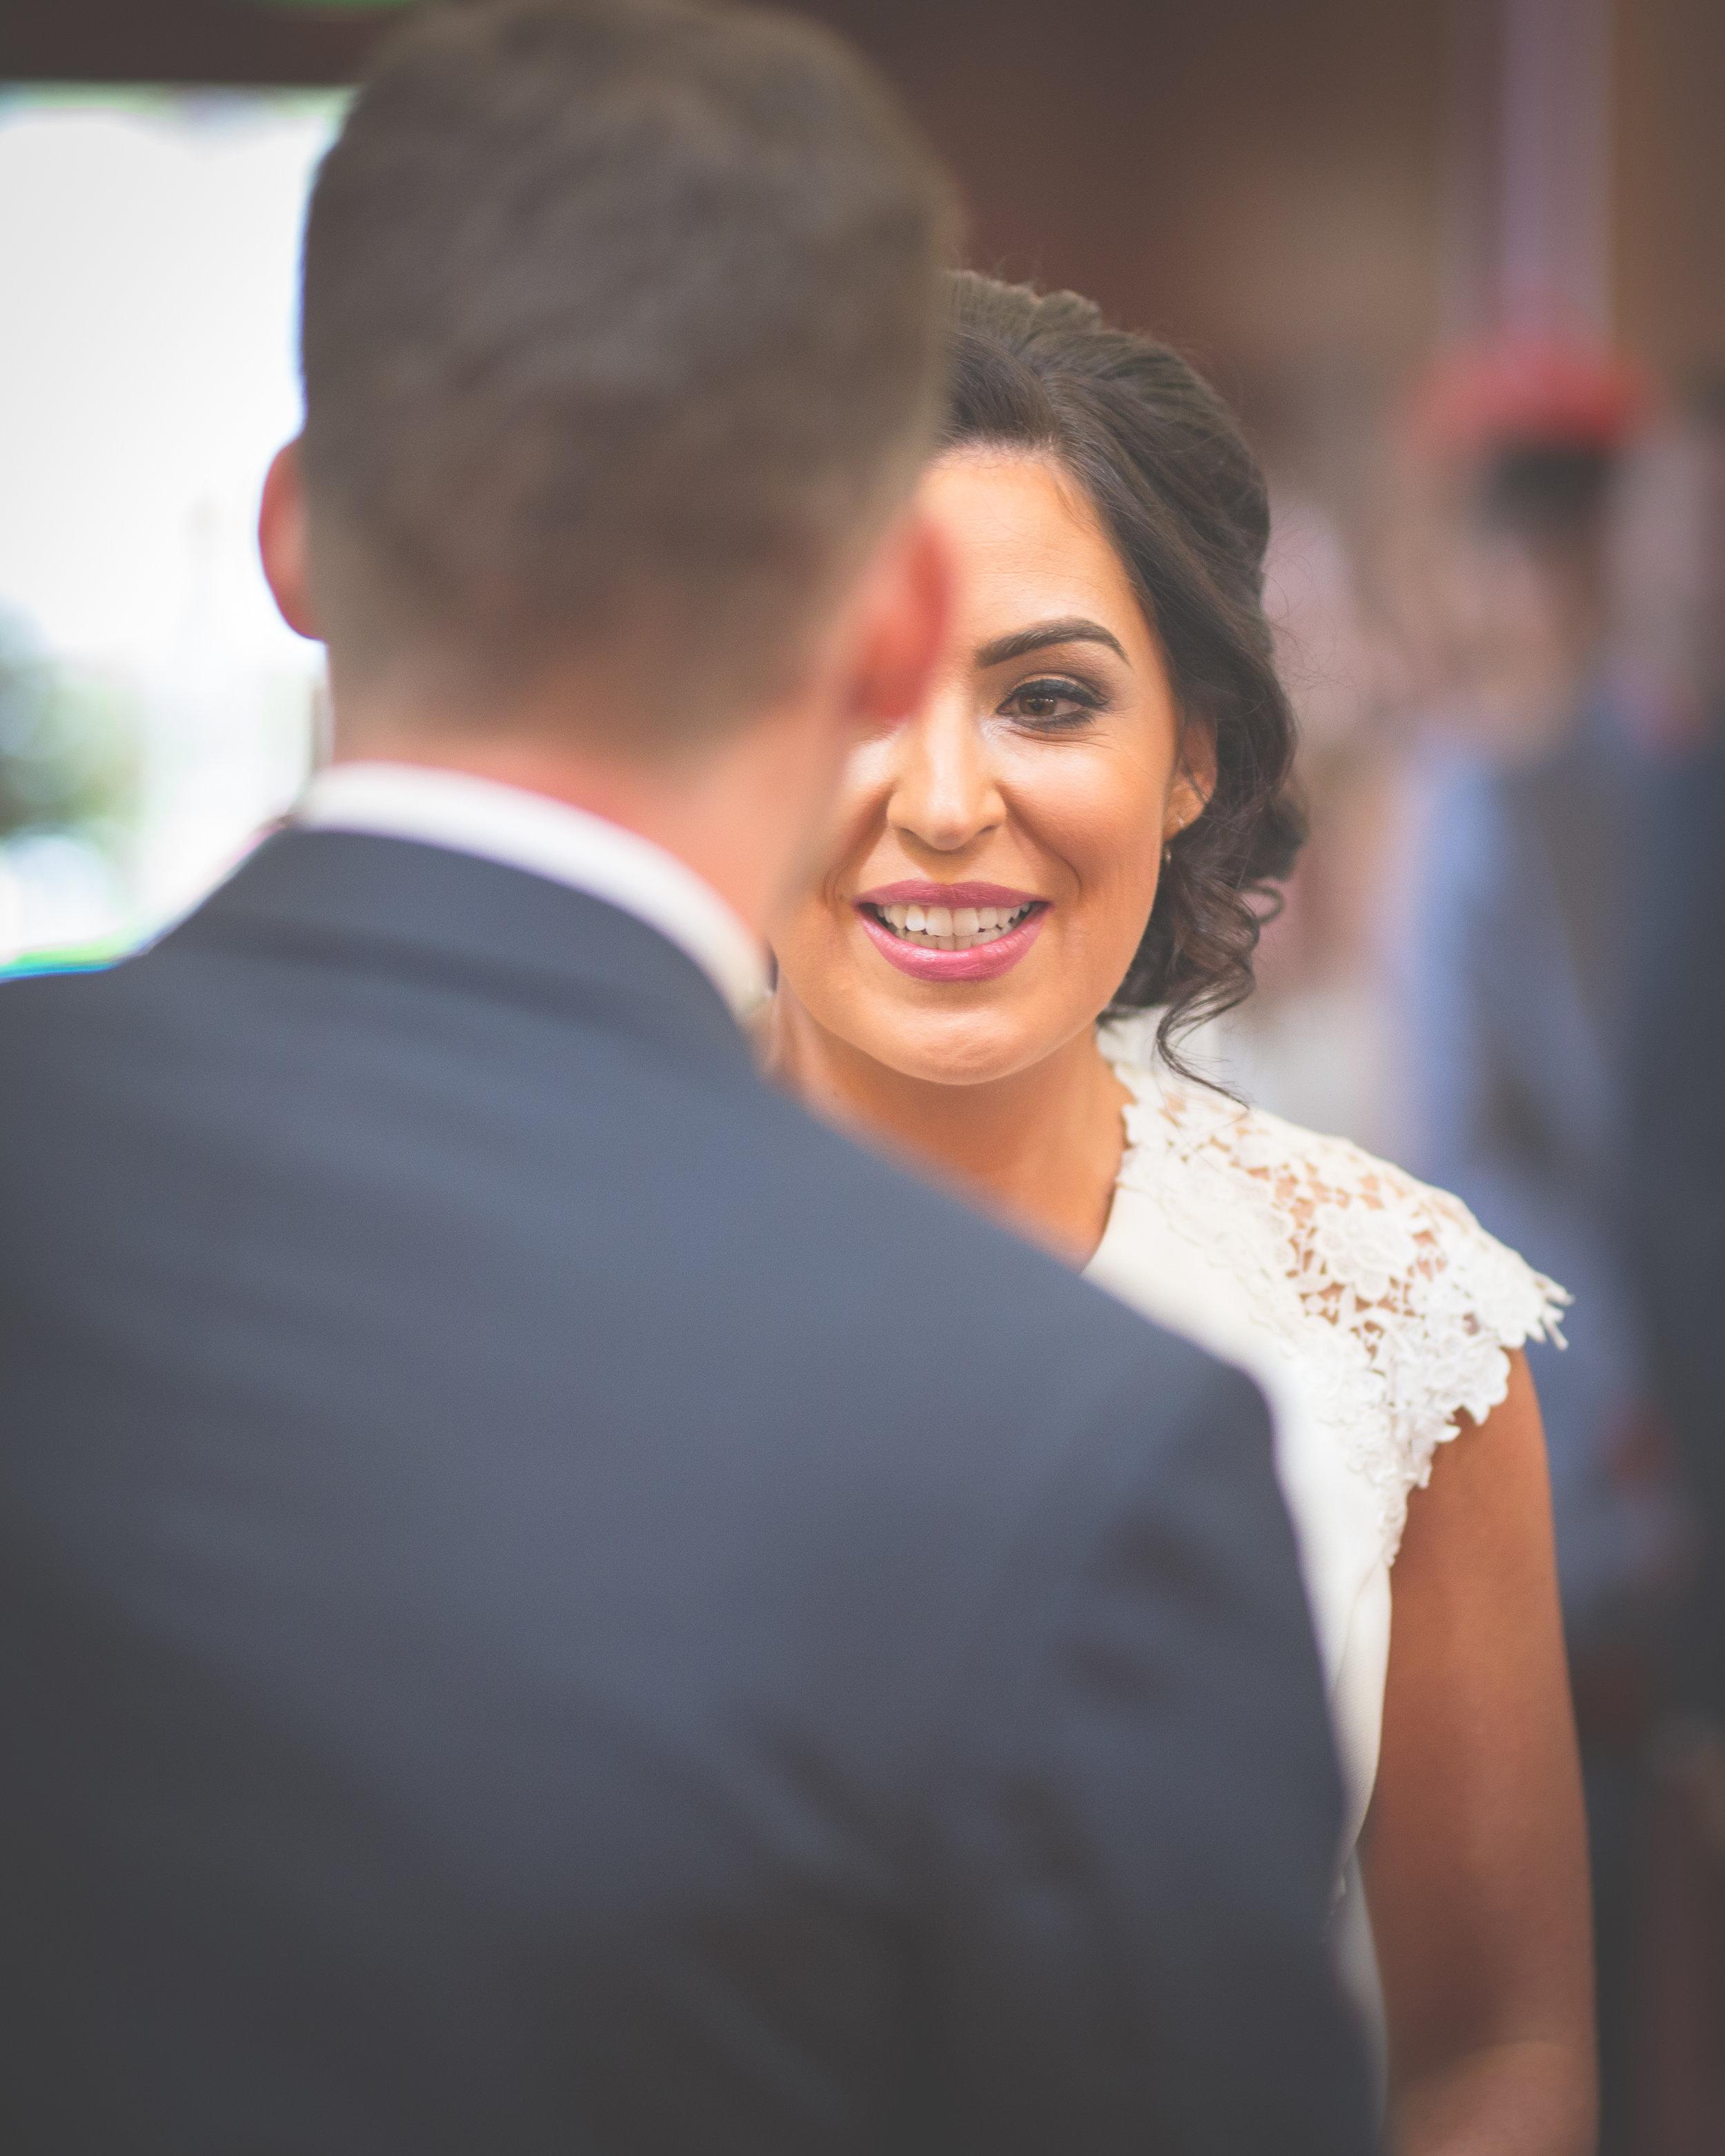 Brian McEwan Wedding Photography   Carol-Anne & Sean   The Ceremony-27.jpg